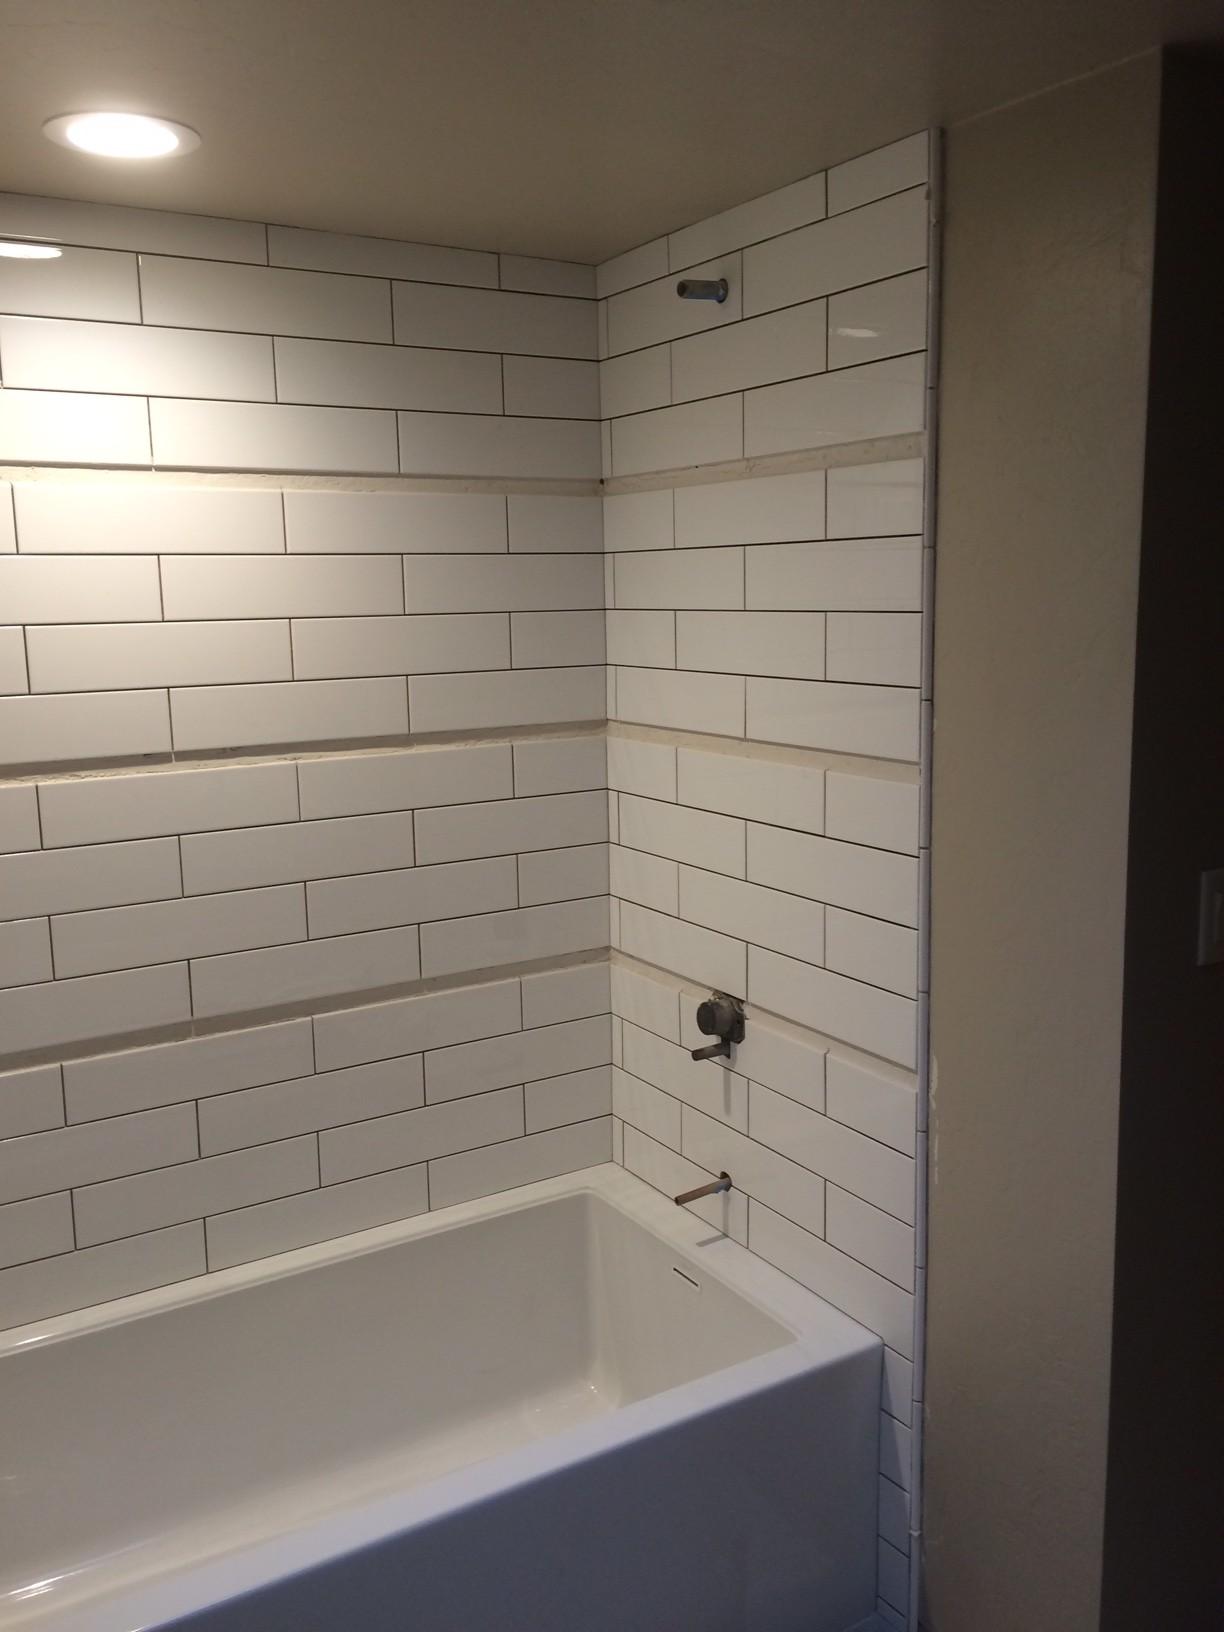 Milestone Homes » 8_21_15 hall bath tub & tile